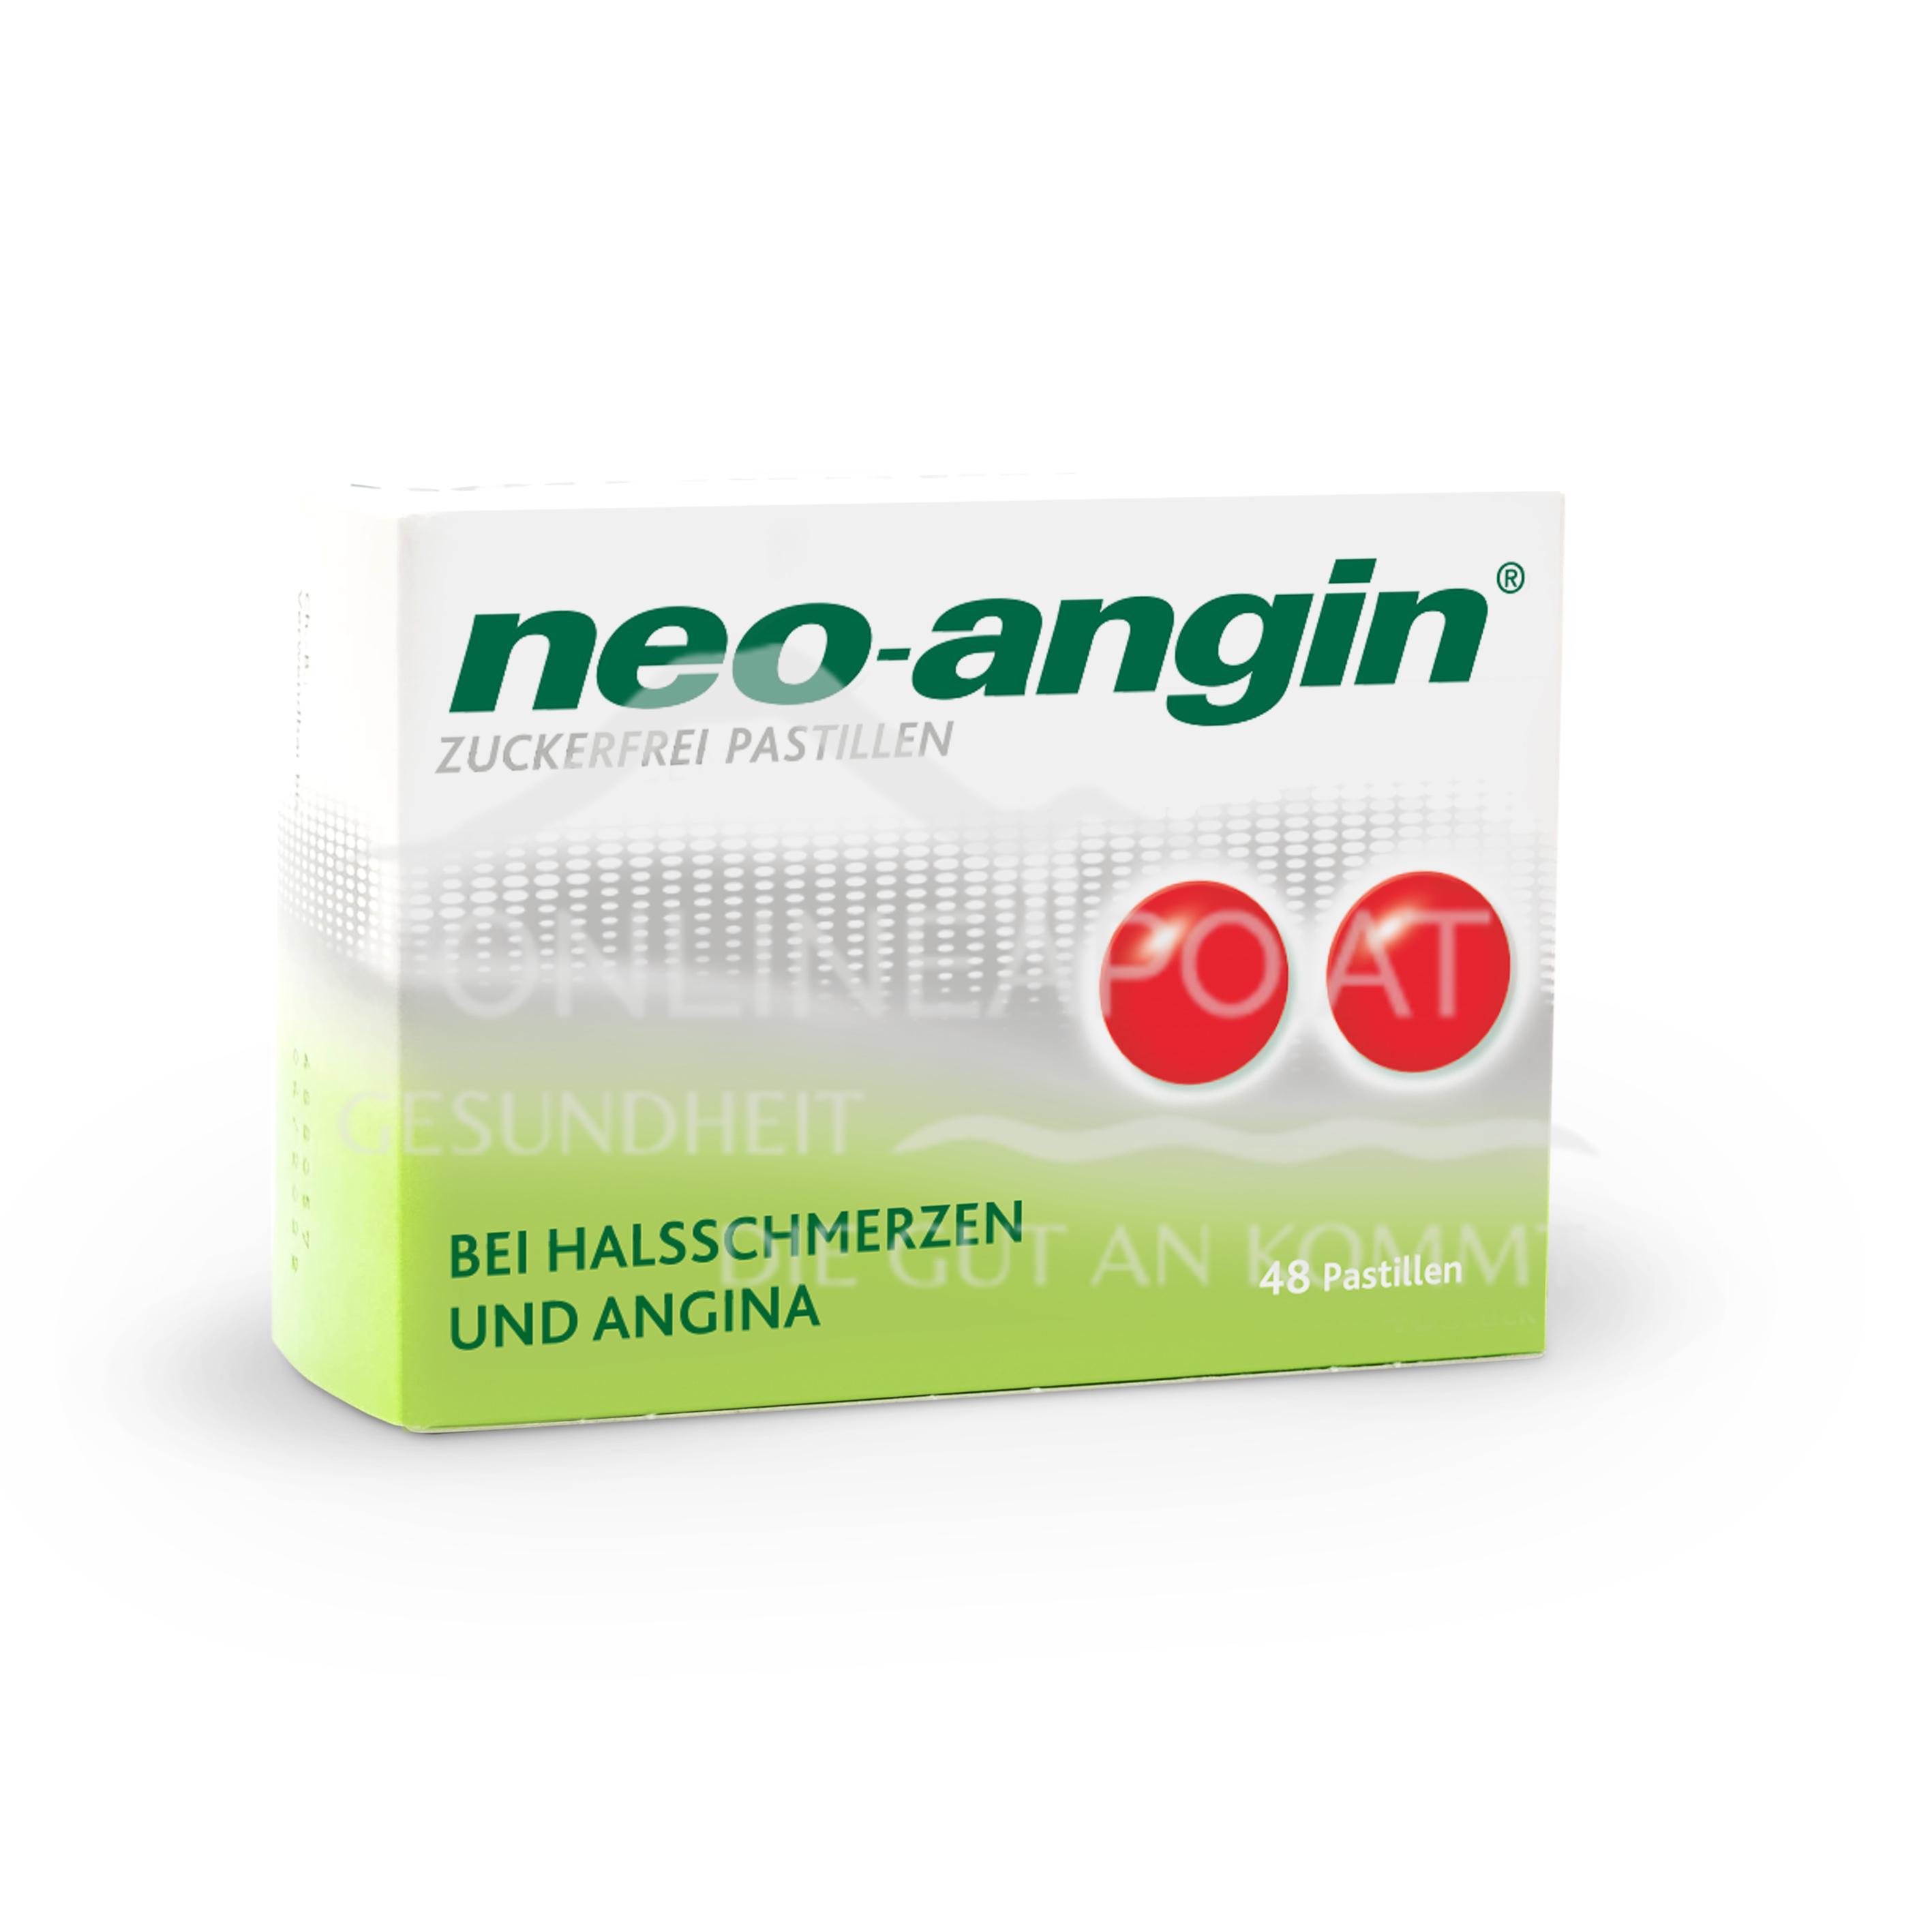 neo-angin® zuckerfrei Pastillen